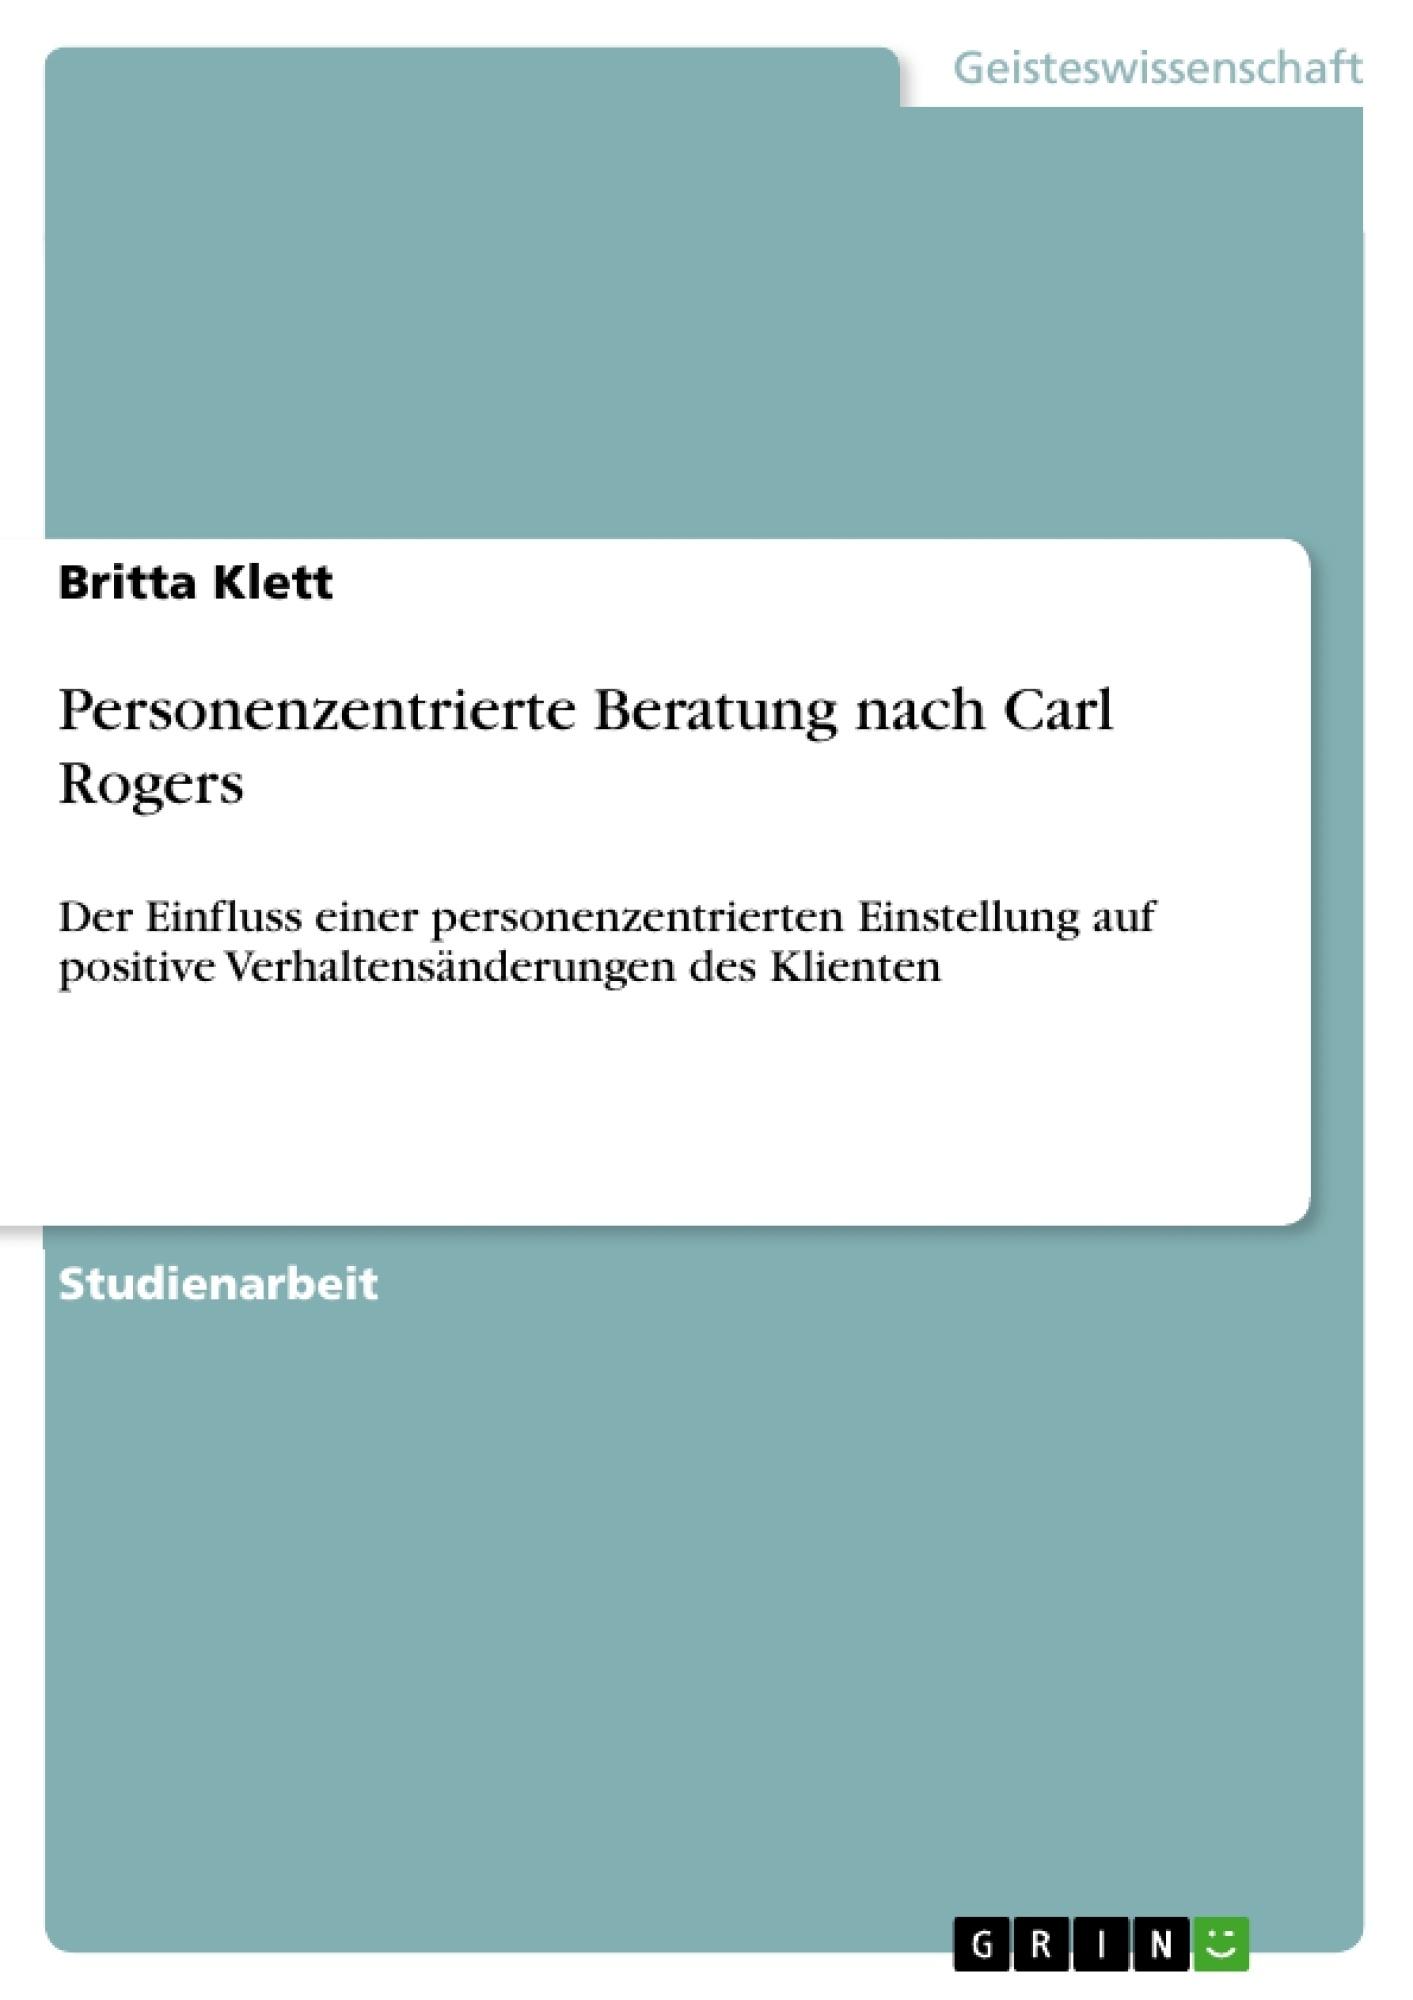 Titel: Personenzentrierte Beratung nach Carl Rogers